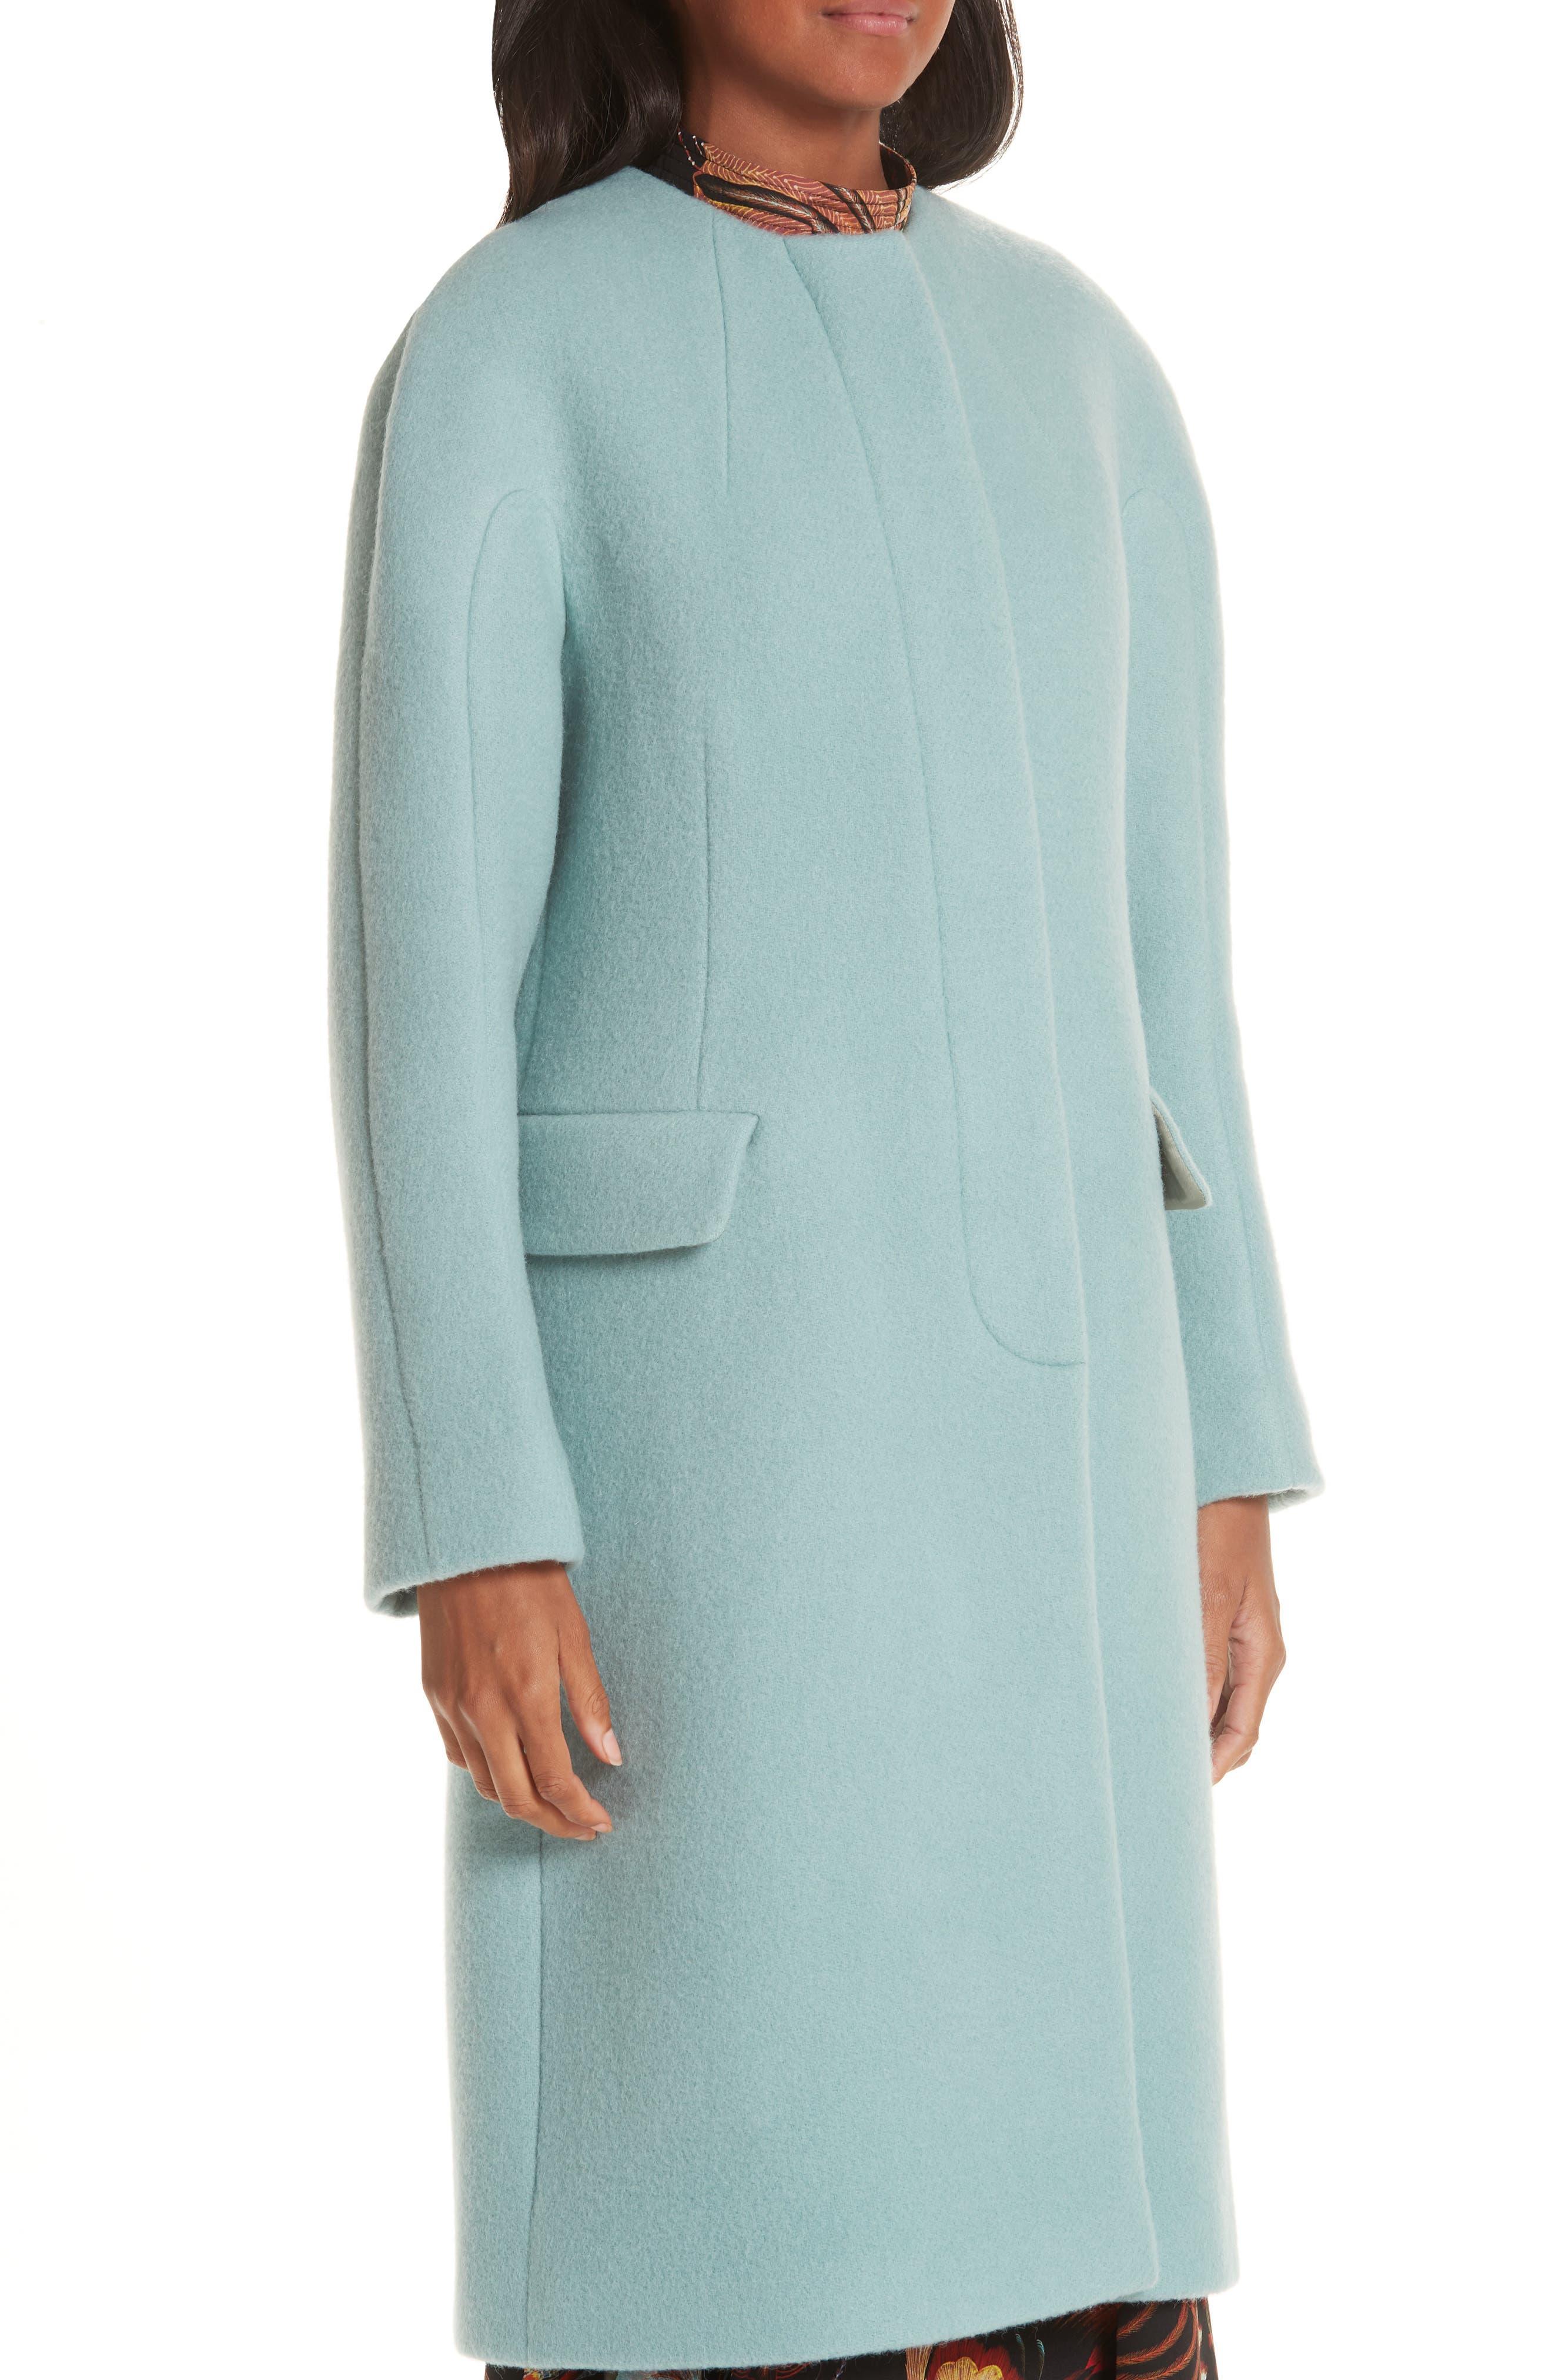 Wool & Mohair Coat,                             Alternate thumbnail 4, color,                             LIGHT BLUE